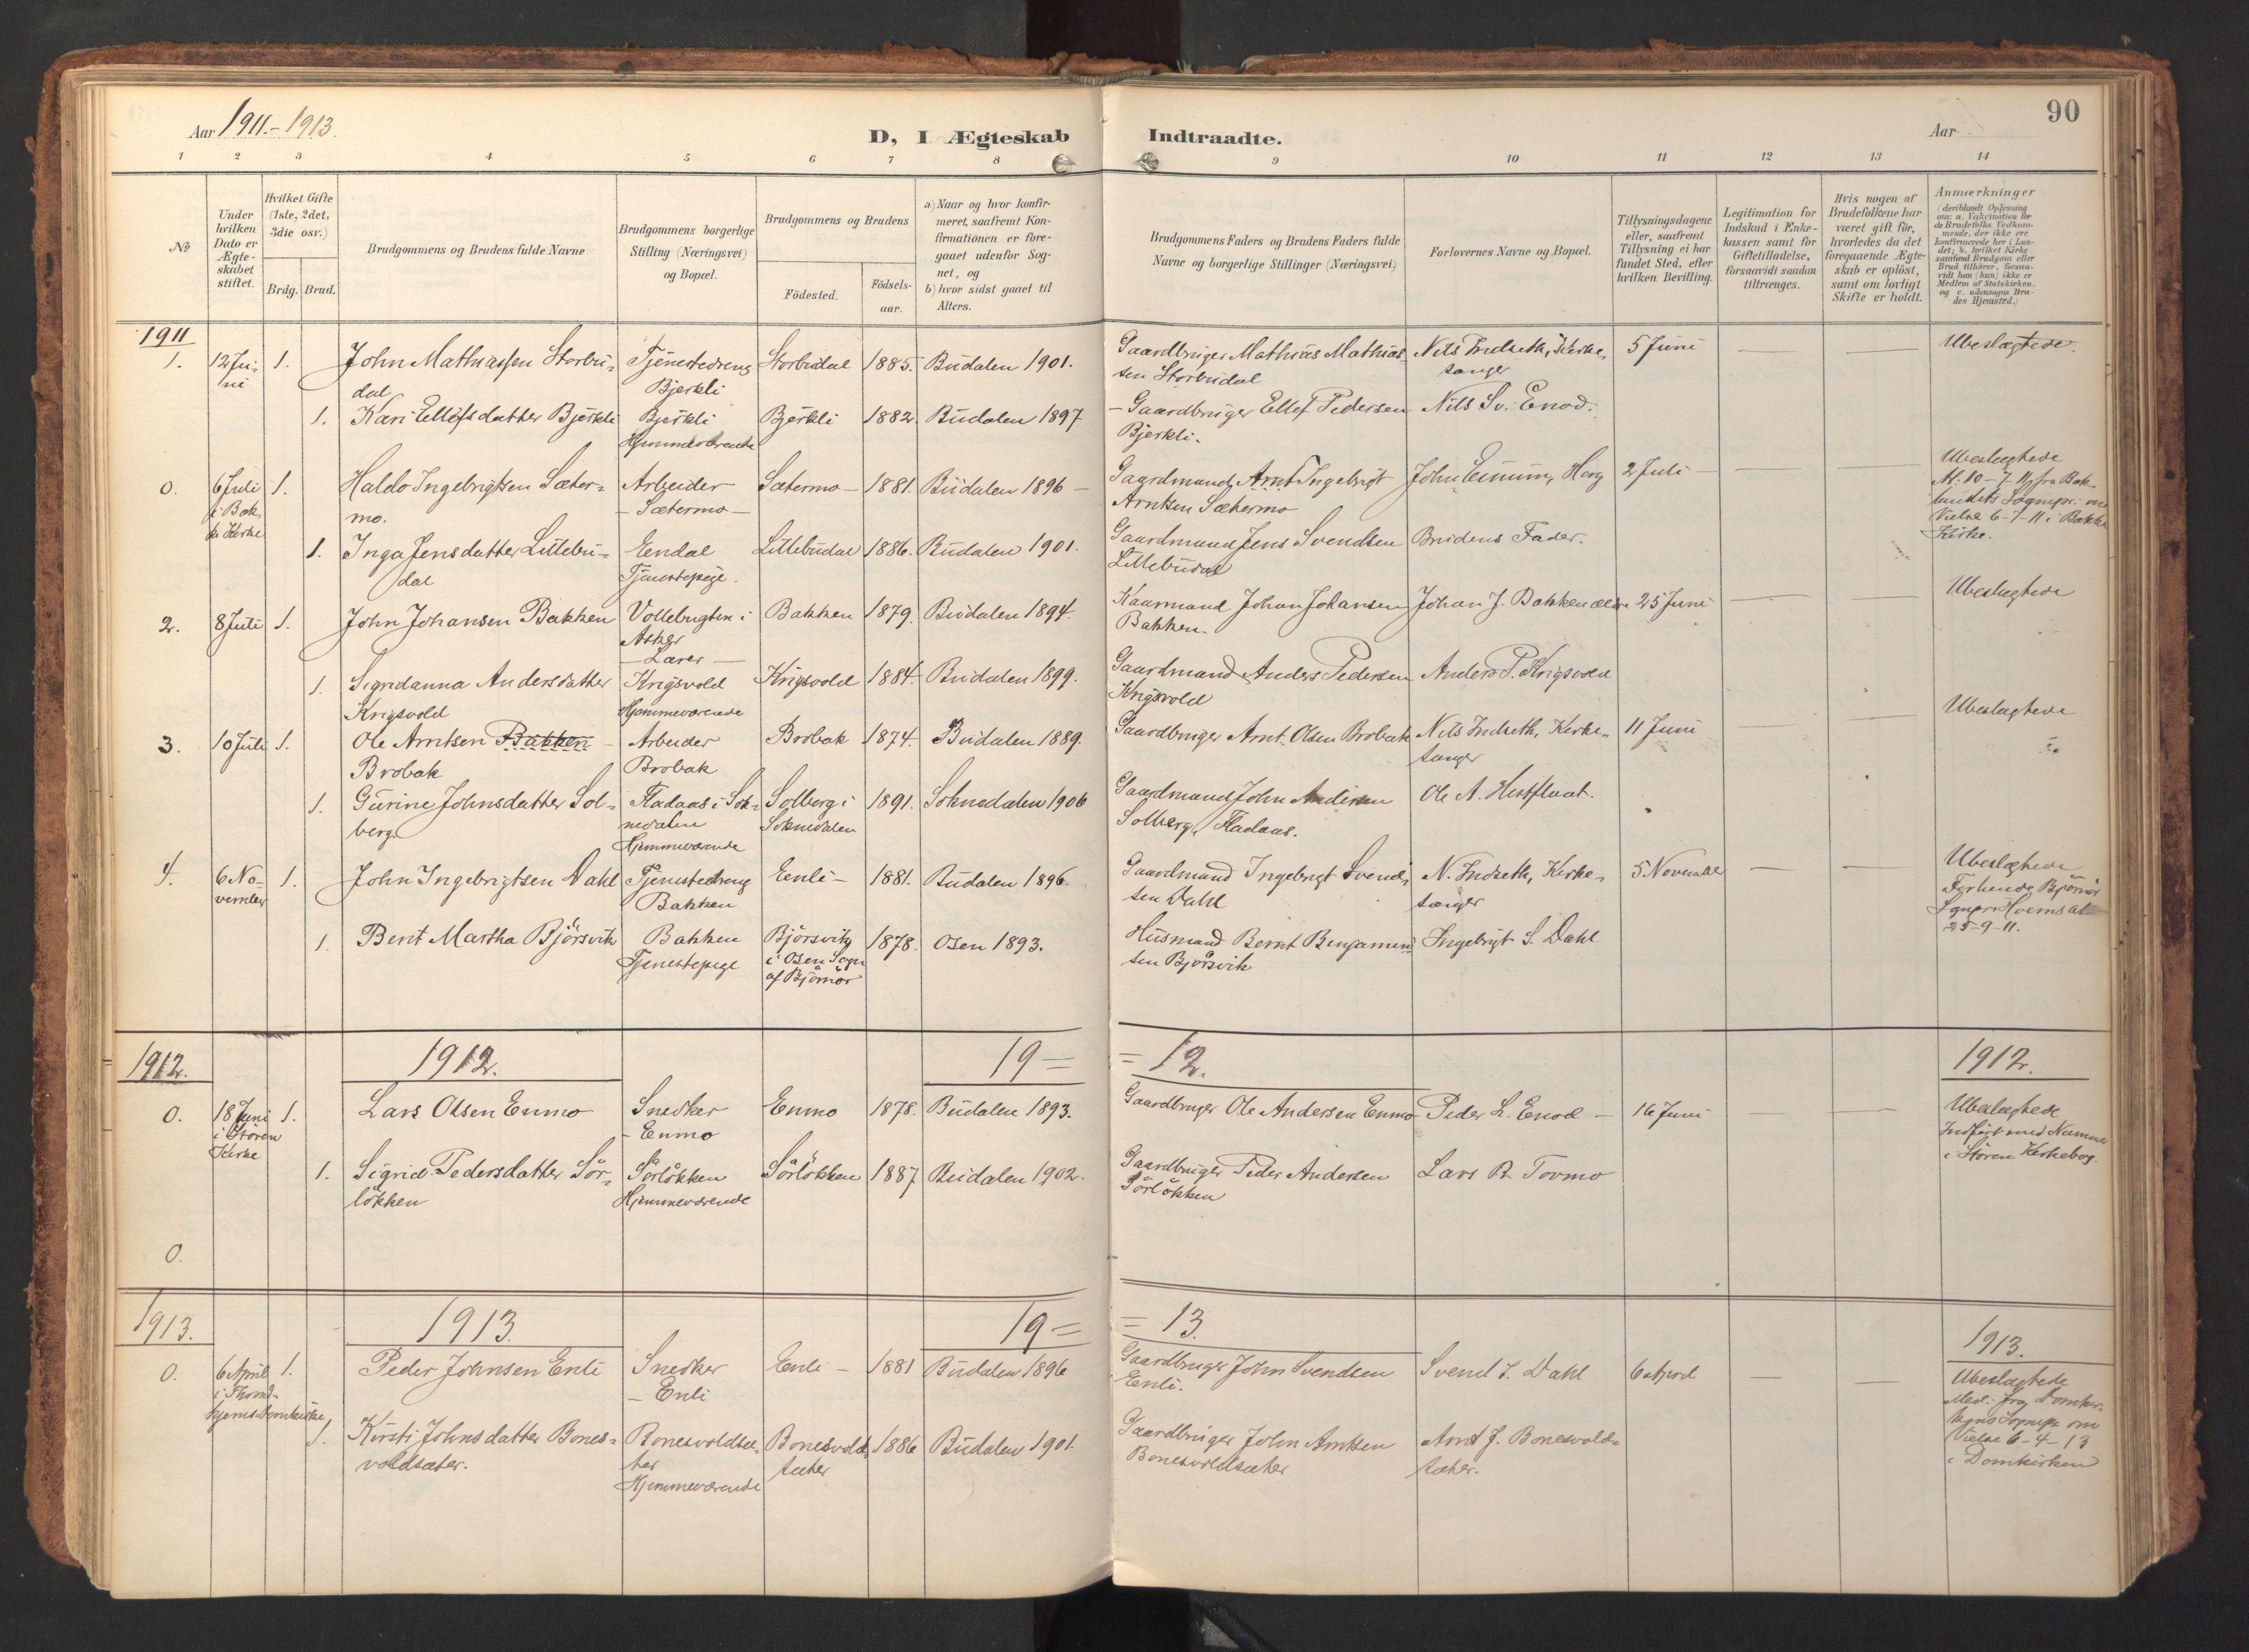 SAT, Ministerialprotokoller, klokkerbøker og fødselsregistre - Sør-Trøndelag, 690/L1050: Ministerialbok nr. 690A01, 1889-1929, s. 90